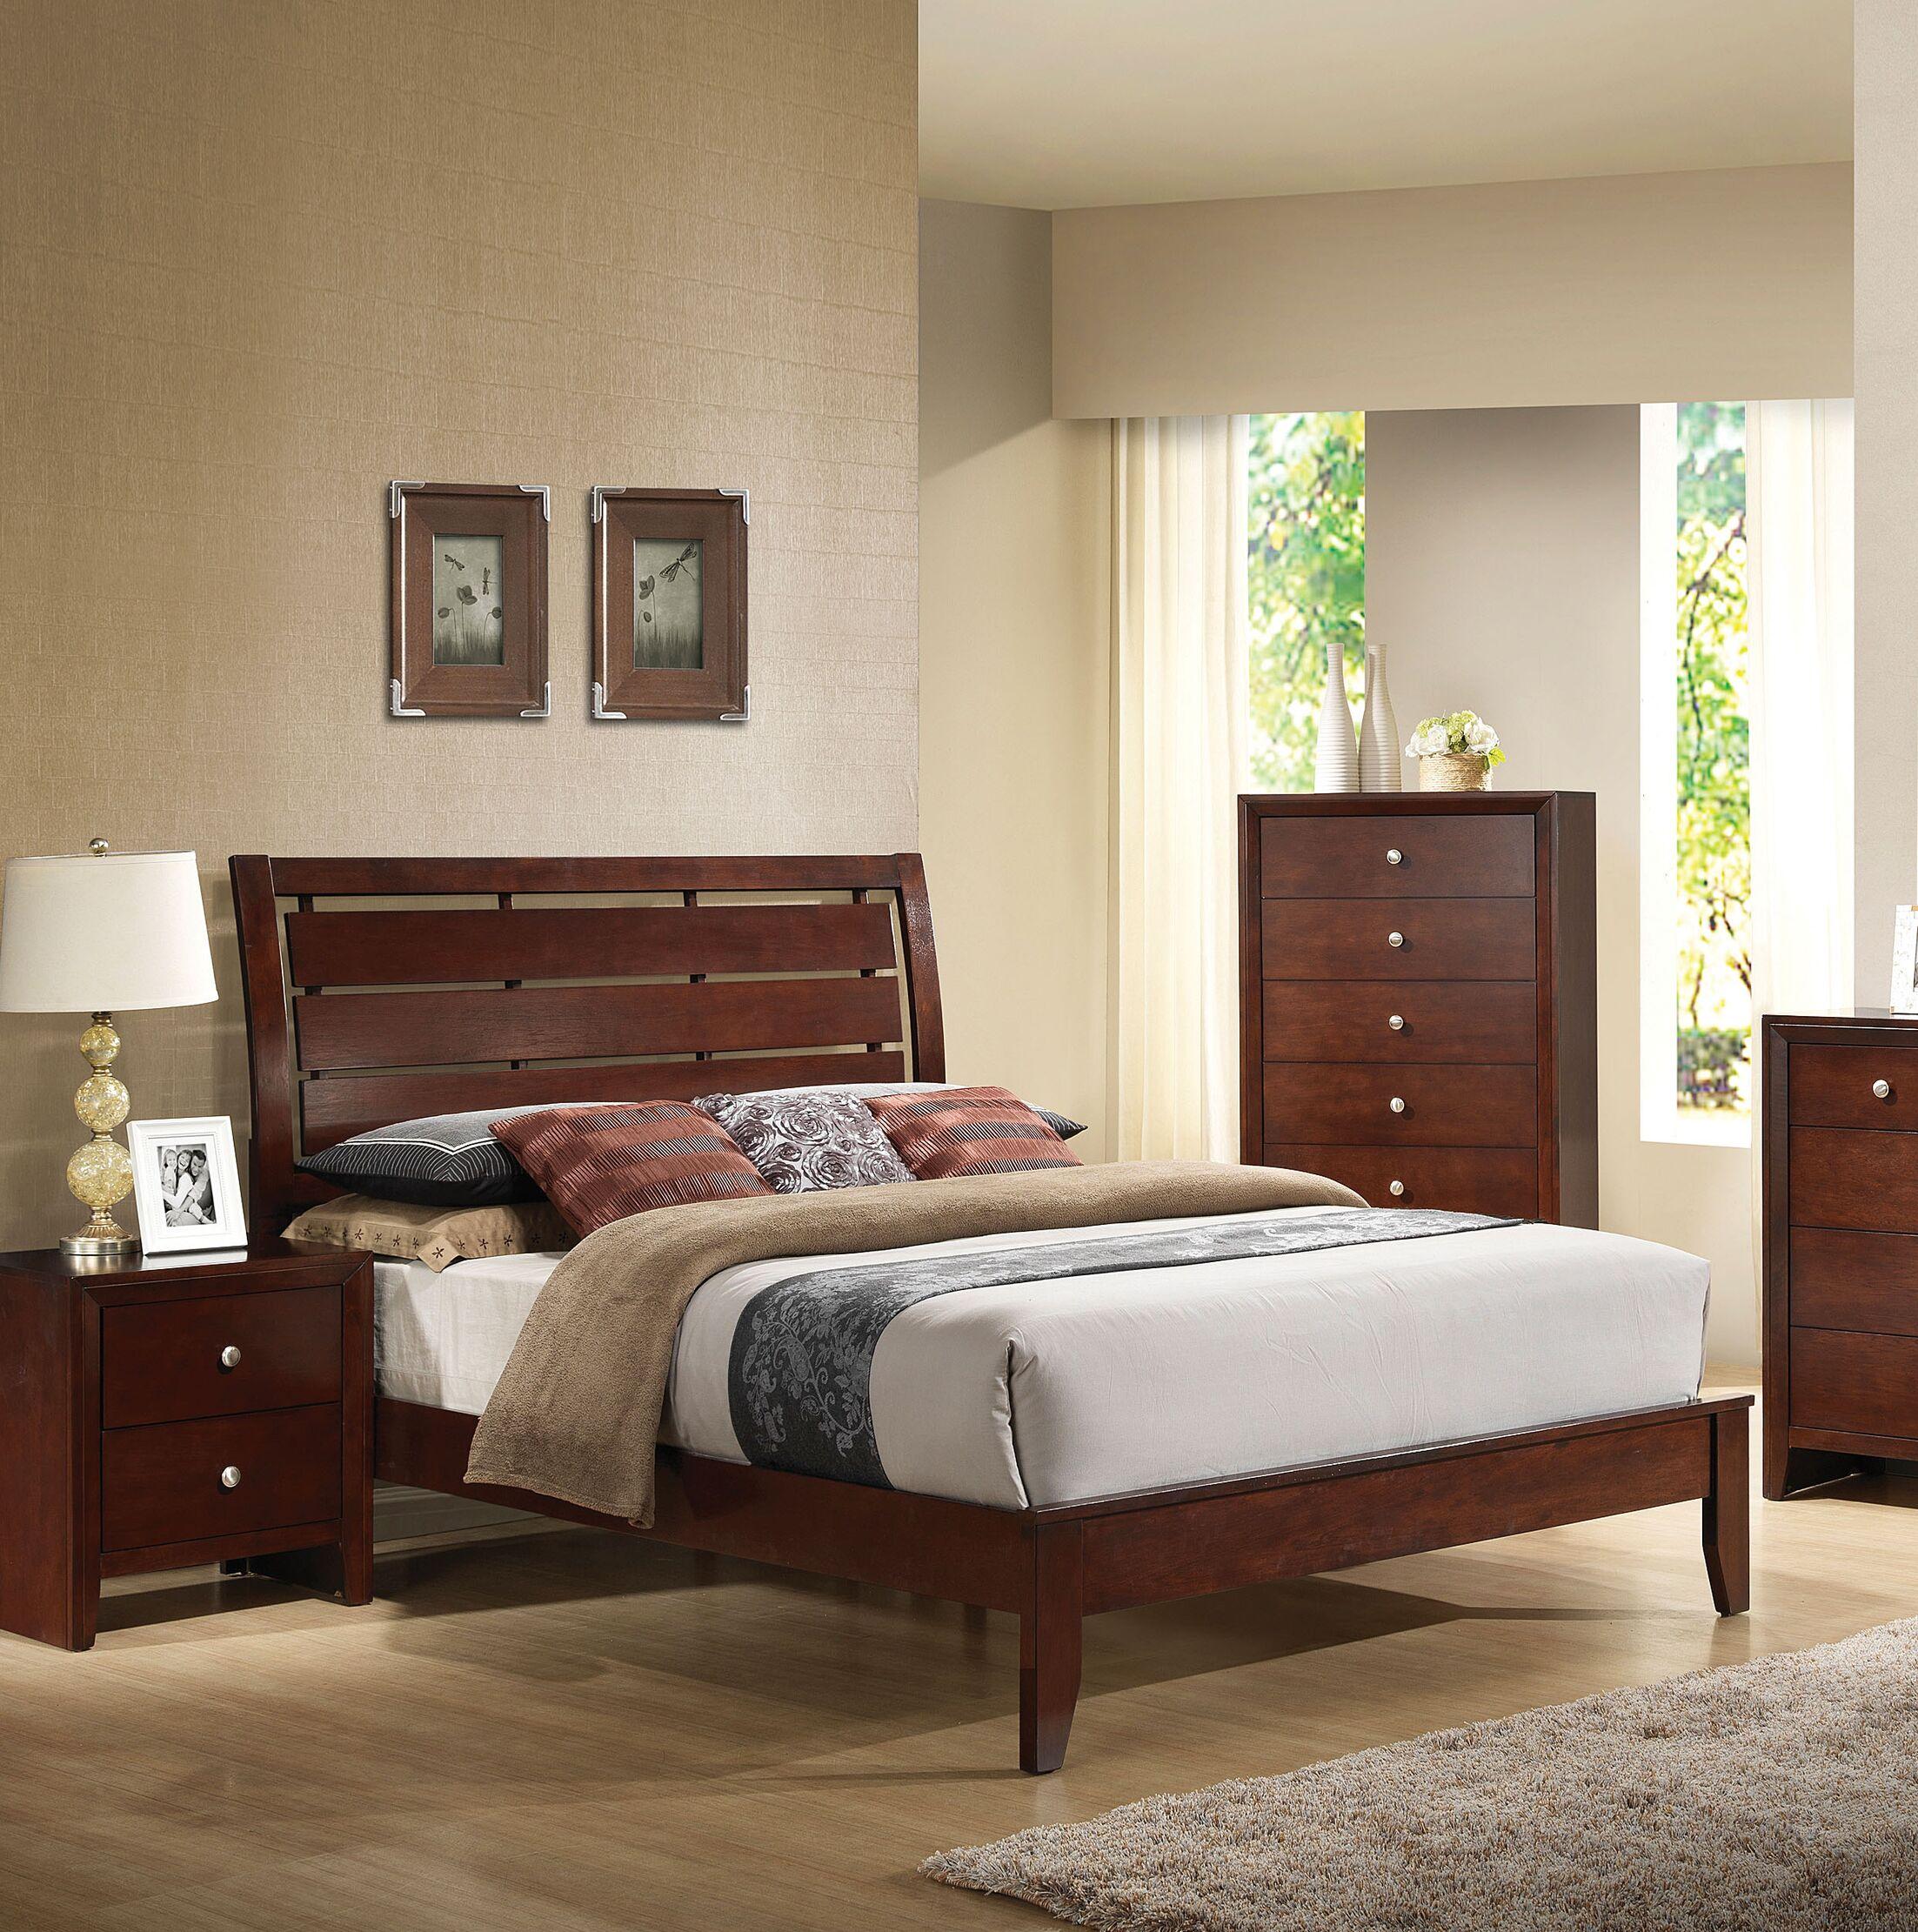 Edgartown Panel Bed Size: Queen